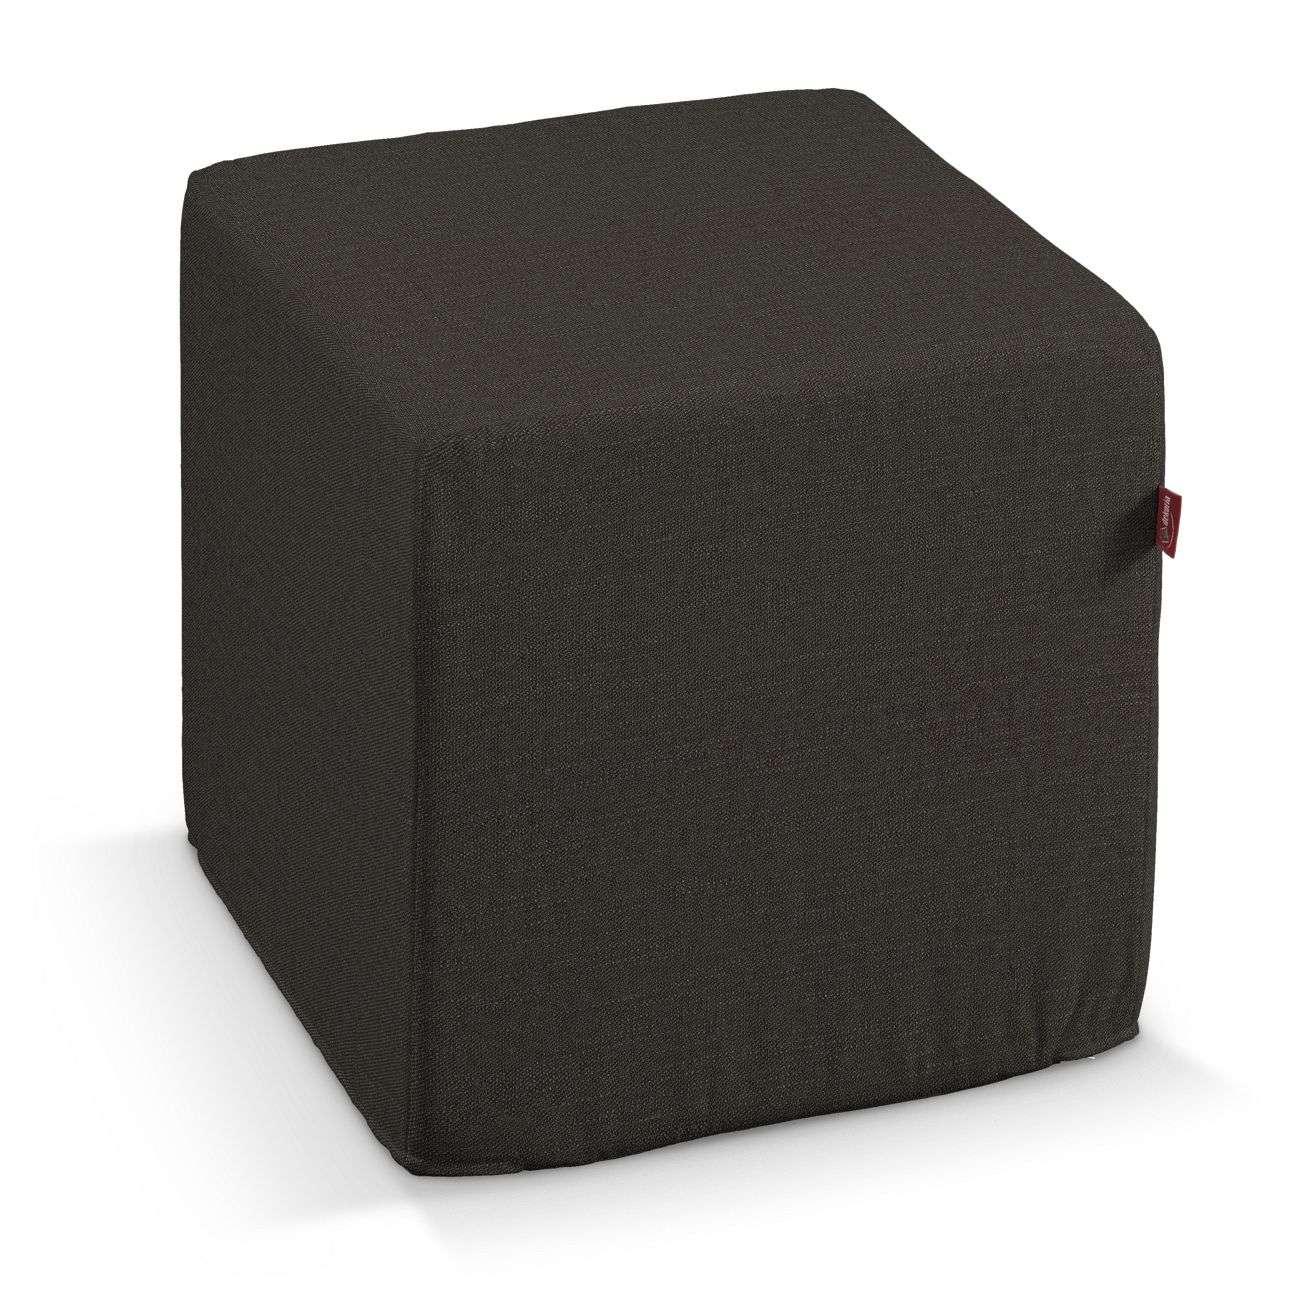 Sedák kostka - pevná 40x40x40 40 x 40 x 40 cm v kolekci Vintage, látka: 702-36